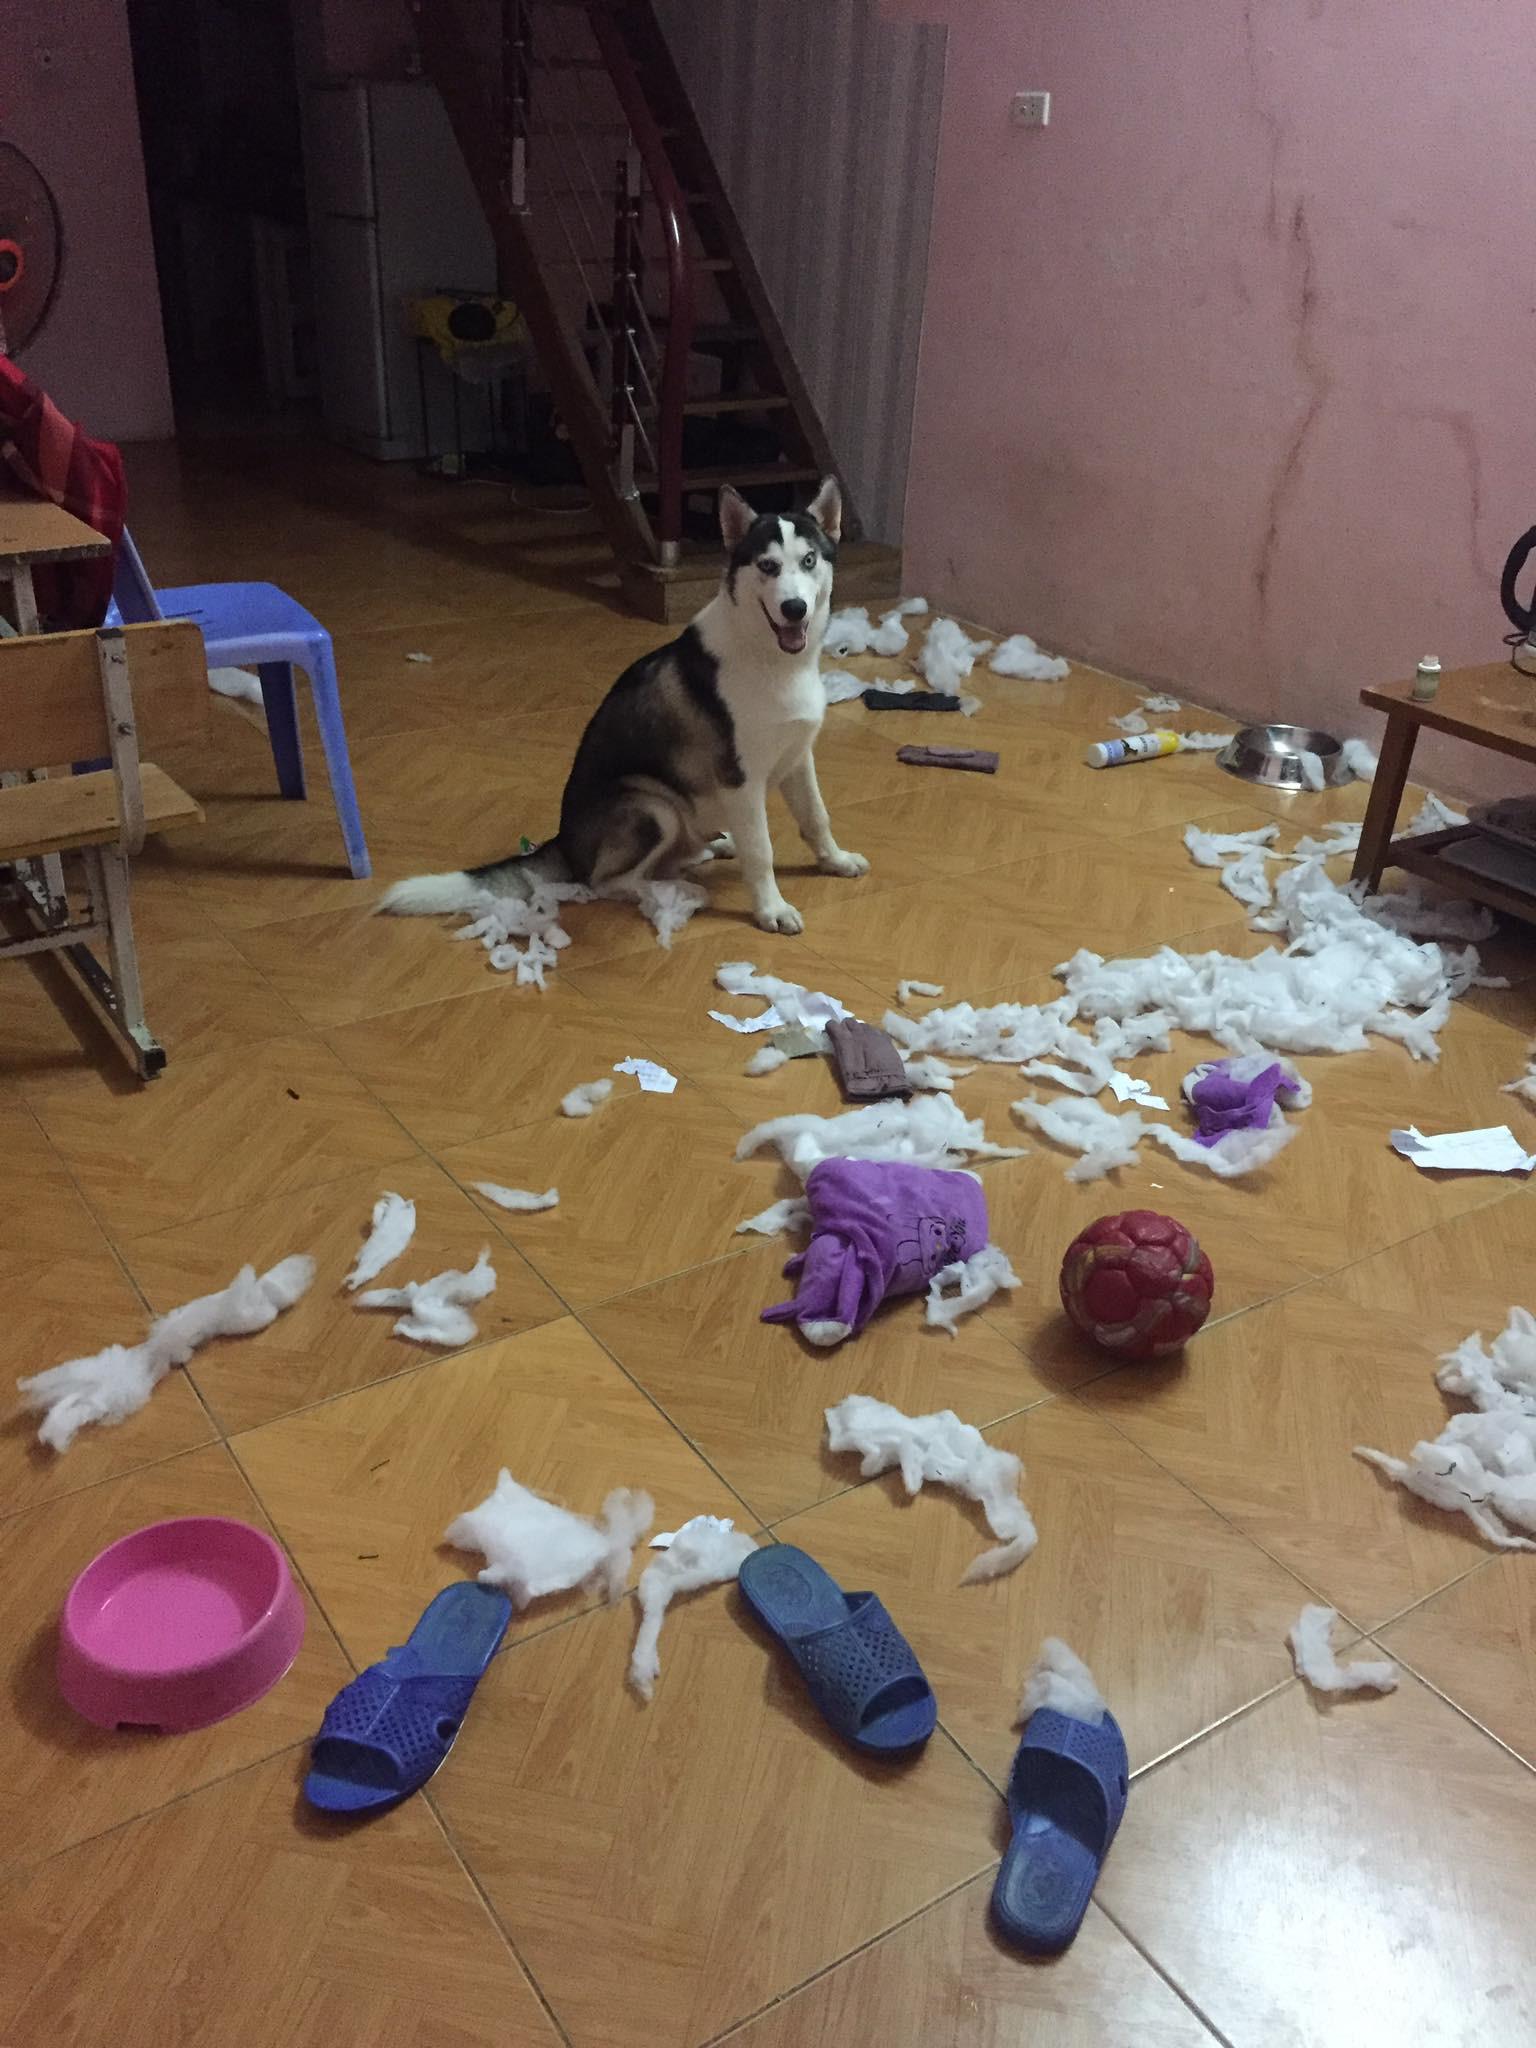 Cơn ác mộng mang tên nuôi boss ngáo: Hứng lên là phá tan tành nhà cửa không cần biết đúng sai - Ảnh 2.